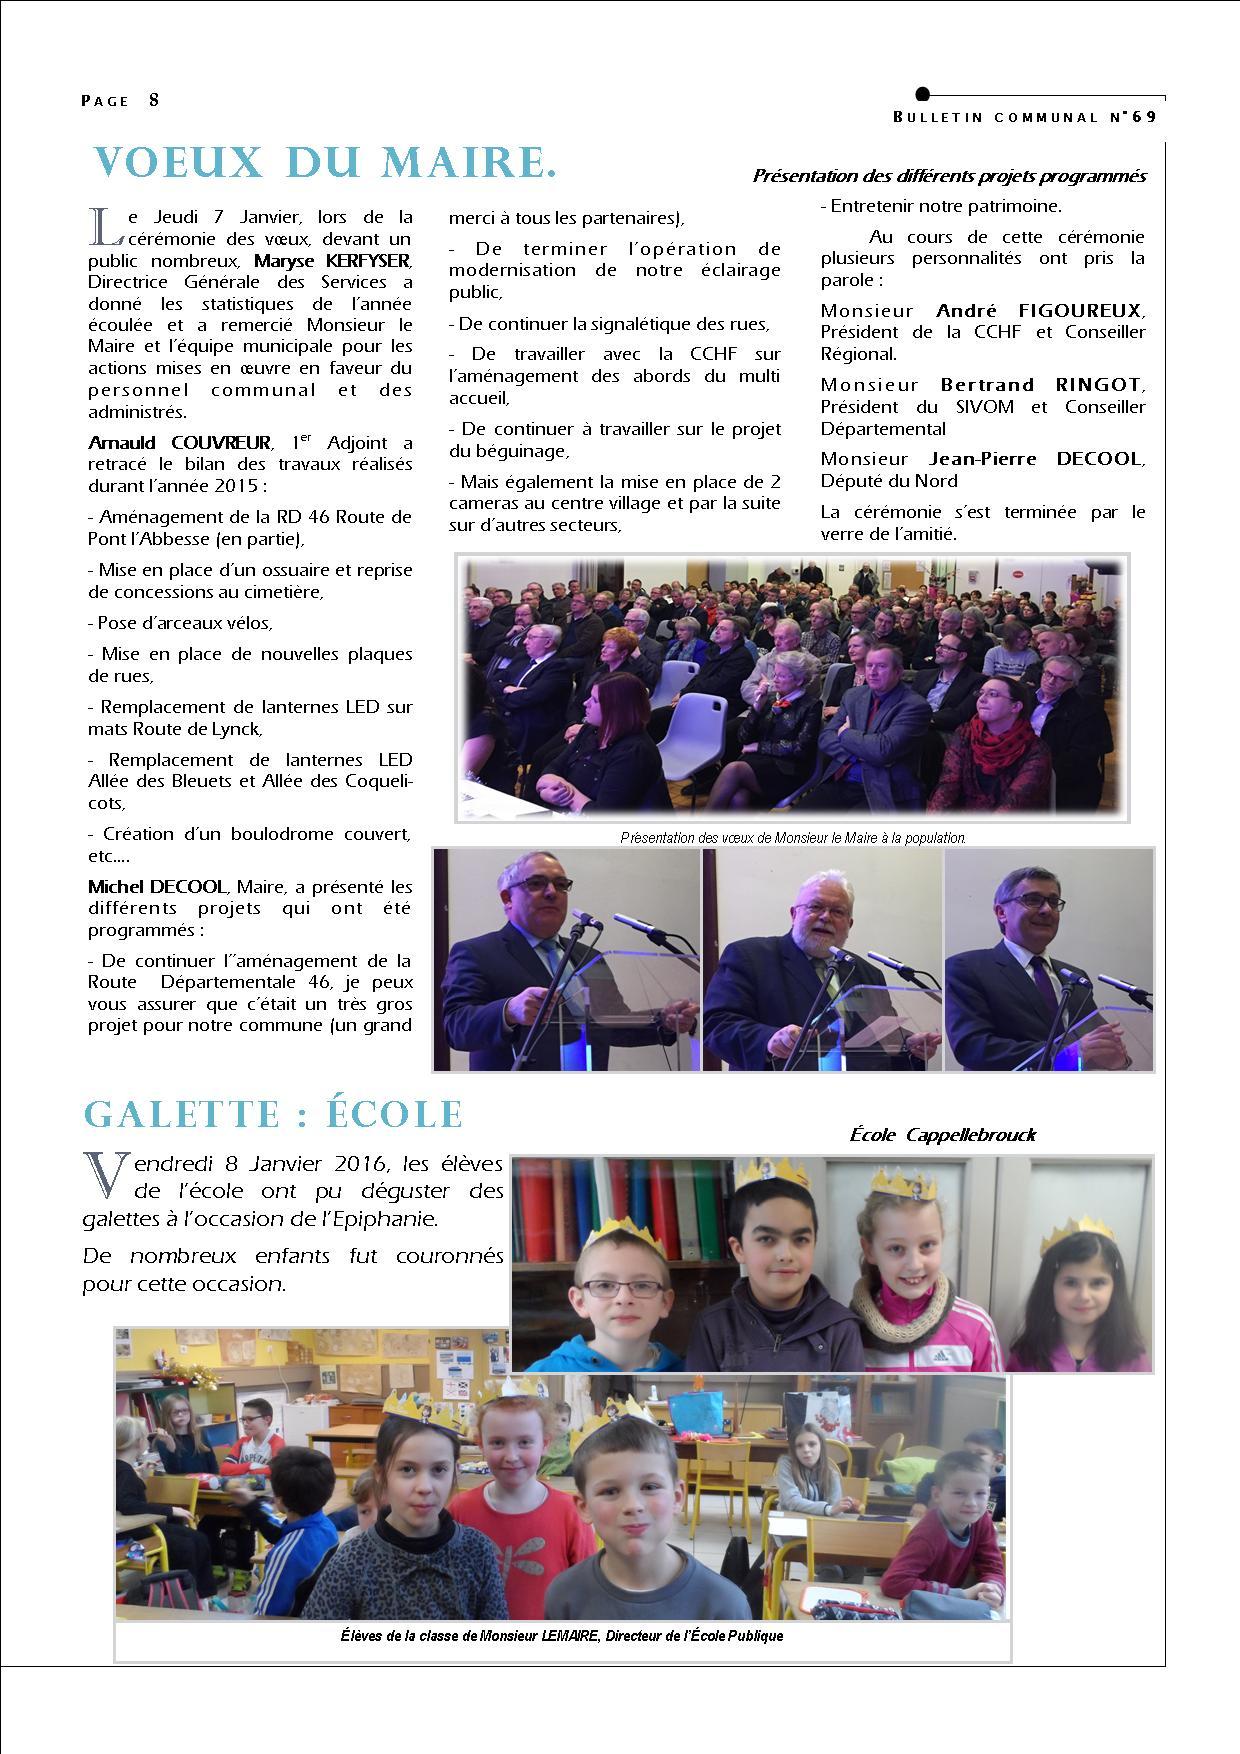 bulletin 69 p8